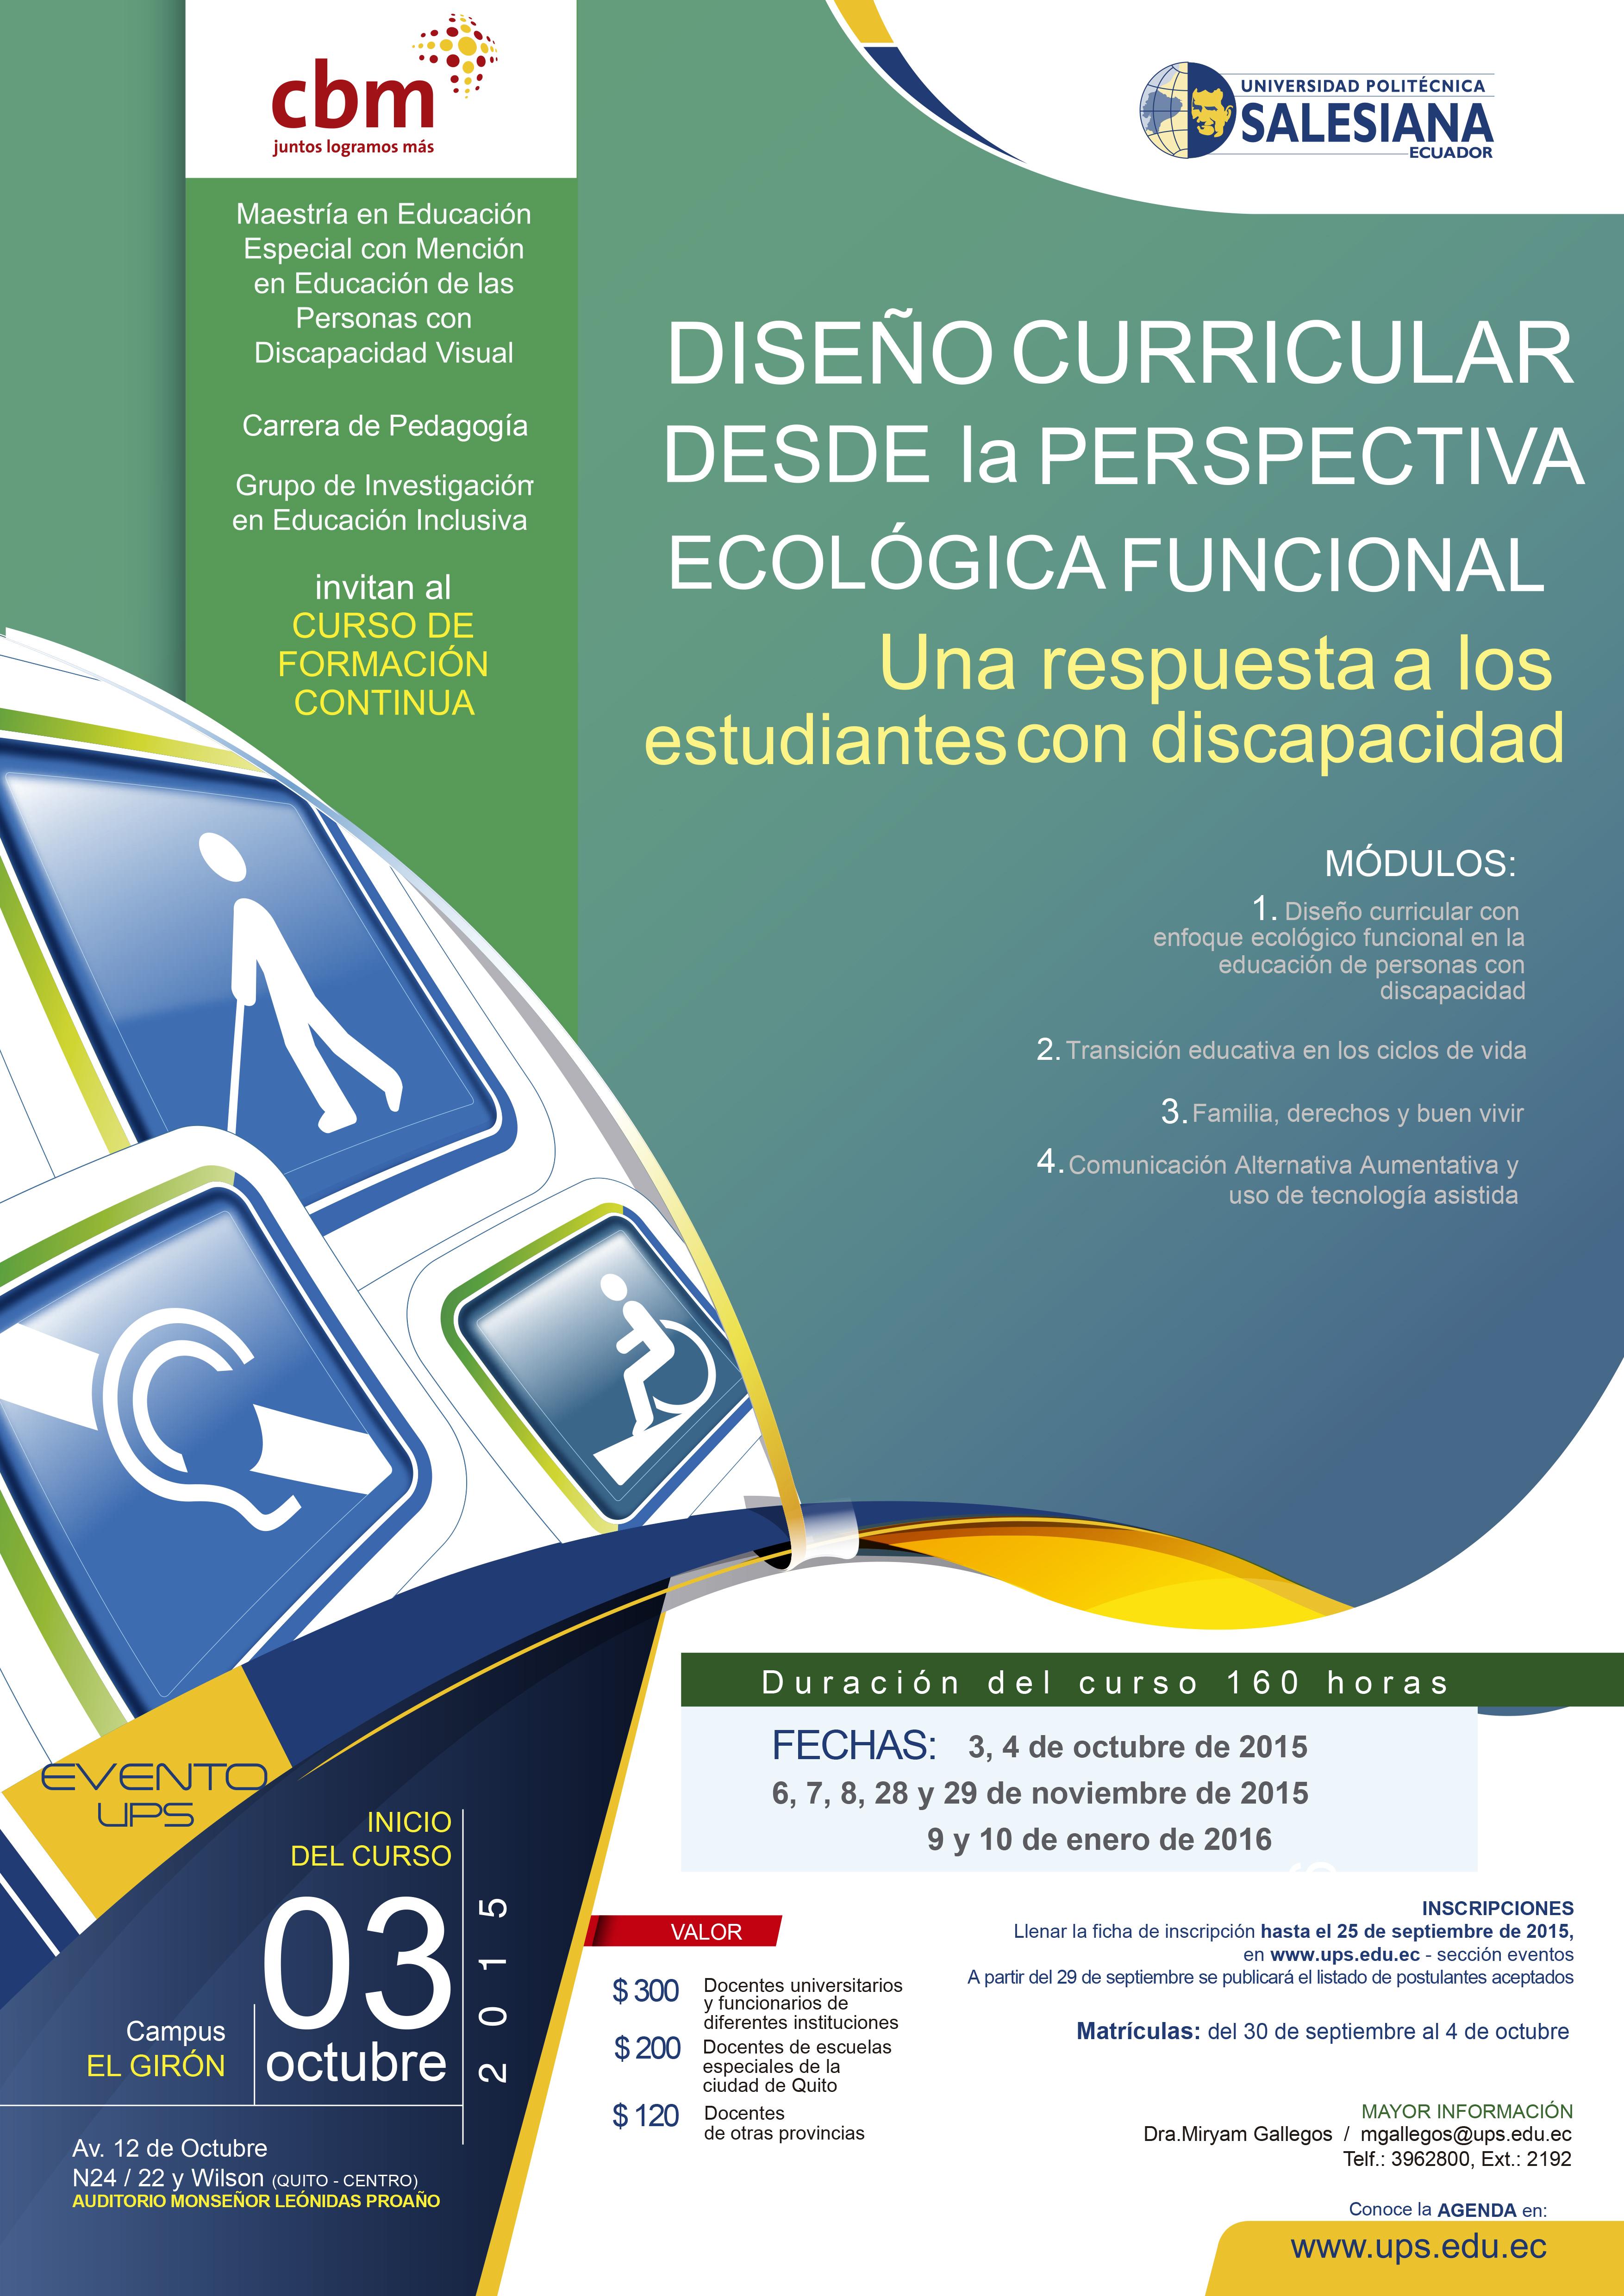 AFICHE CURSO DE FORMACION CONTINUA EDUCACION INCLUSIVA_Final1